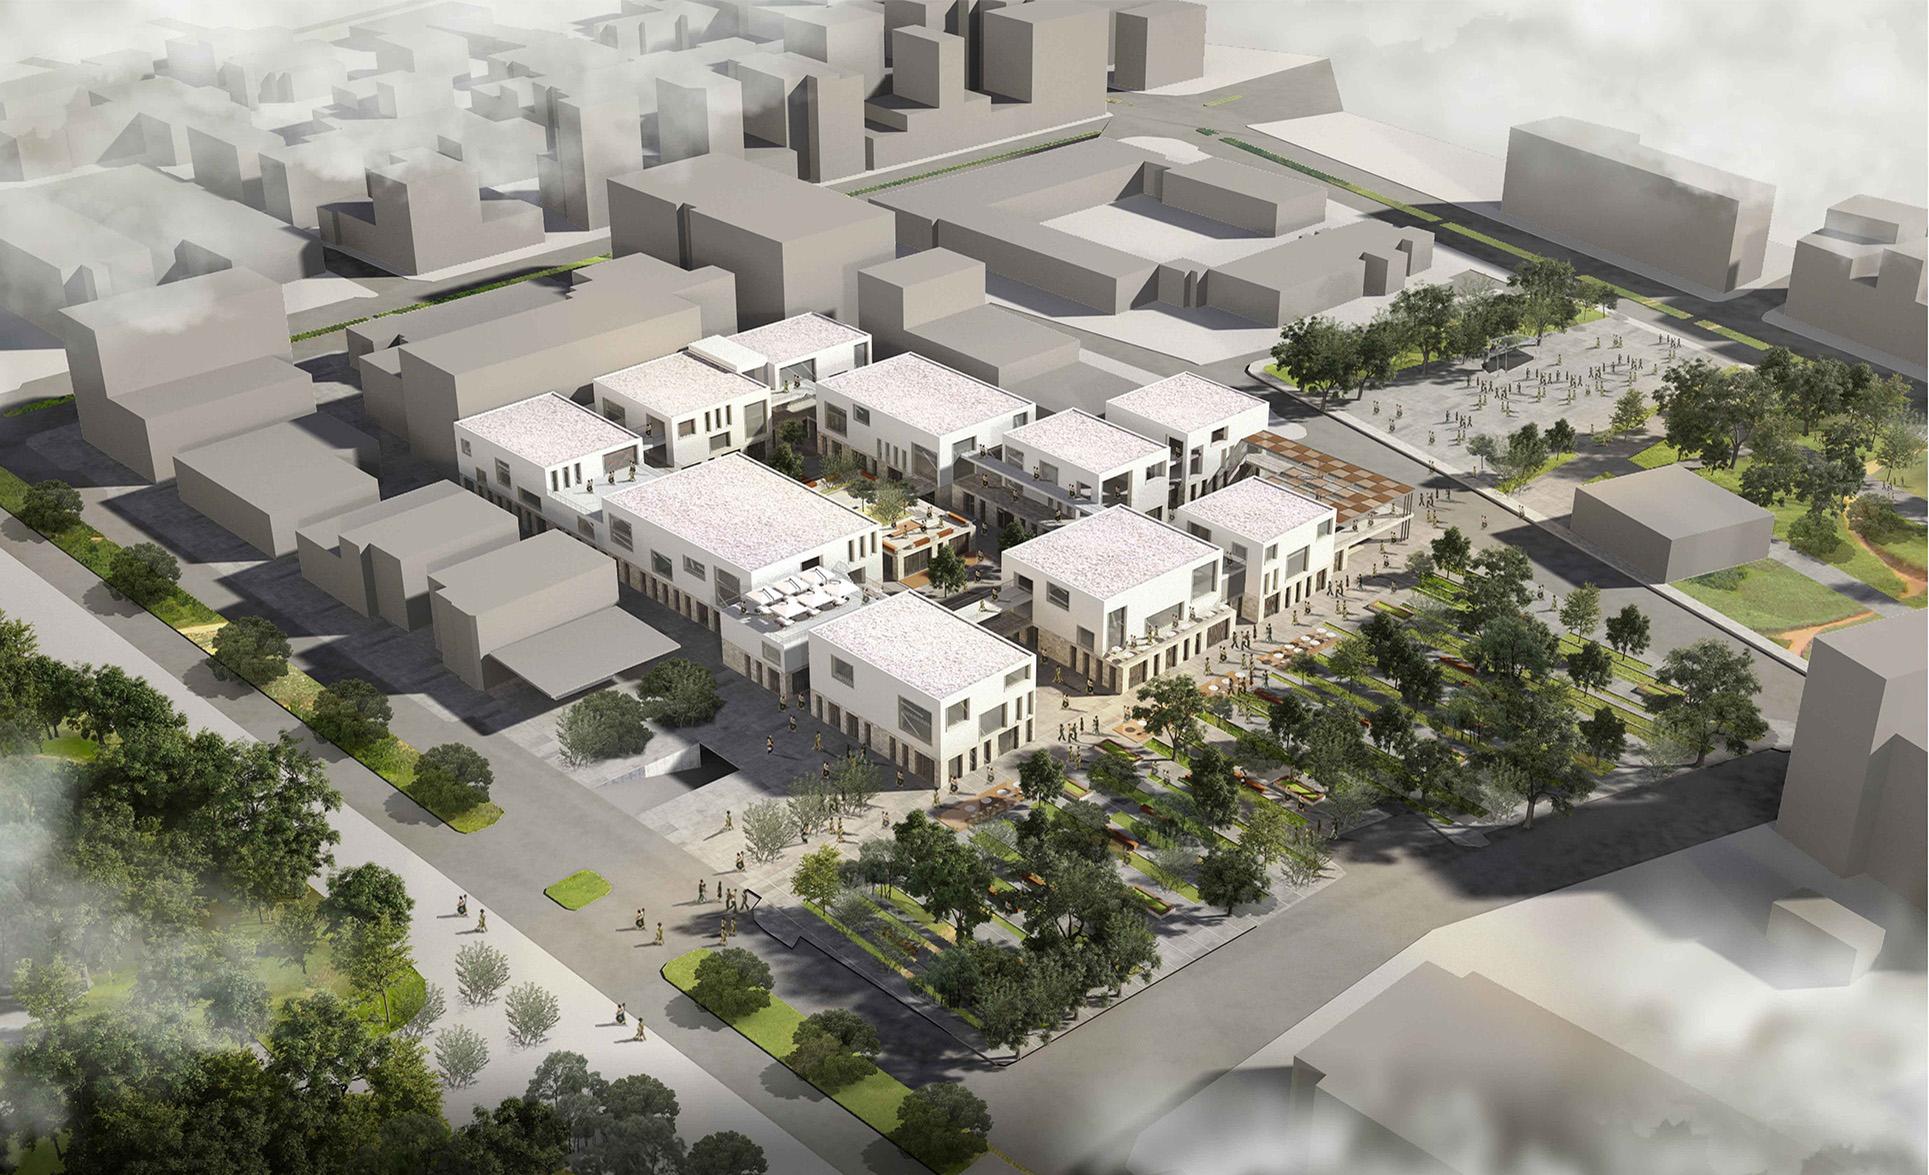 dodofis mimarlık çarşı kültür merkezi 1